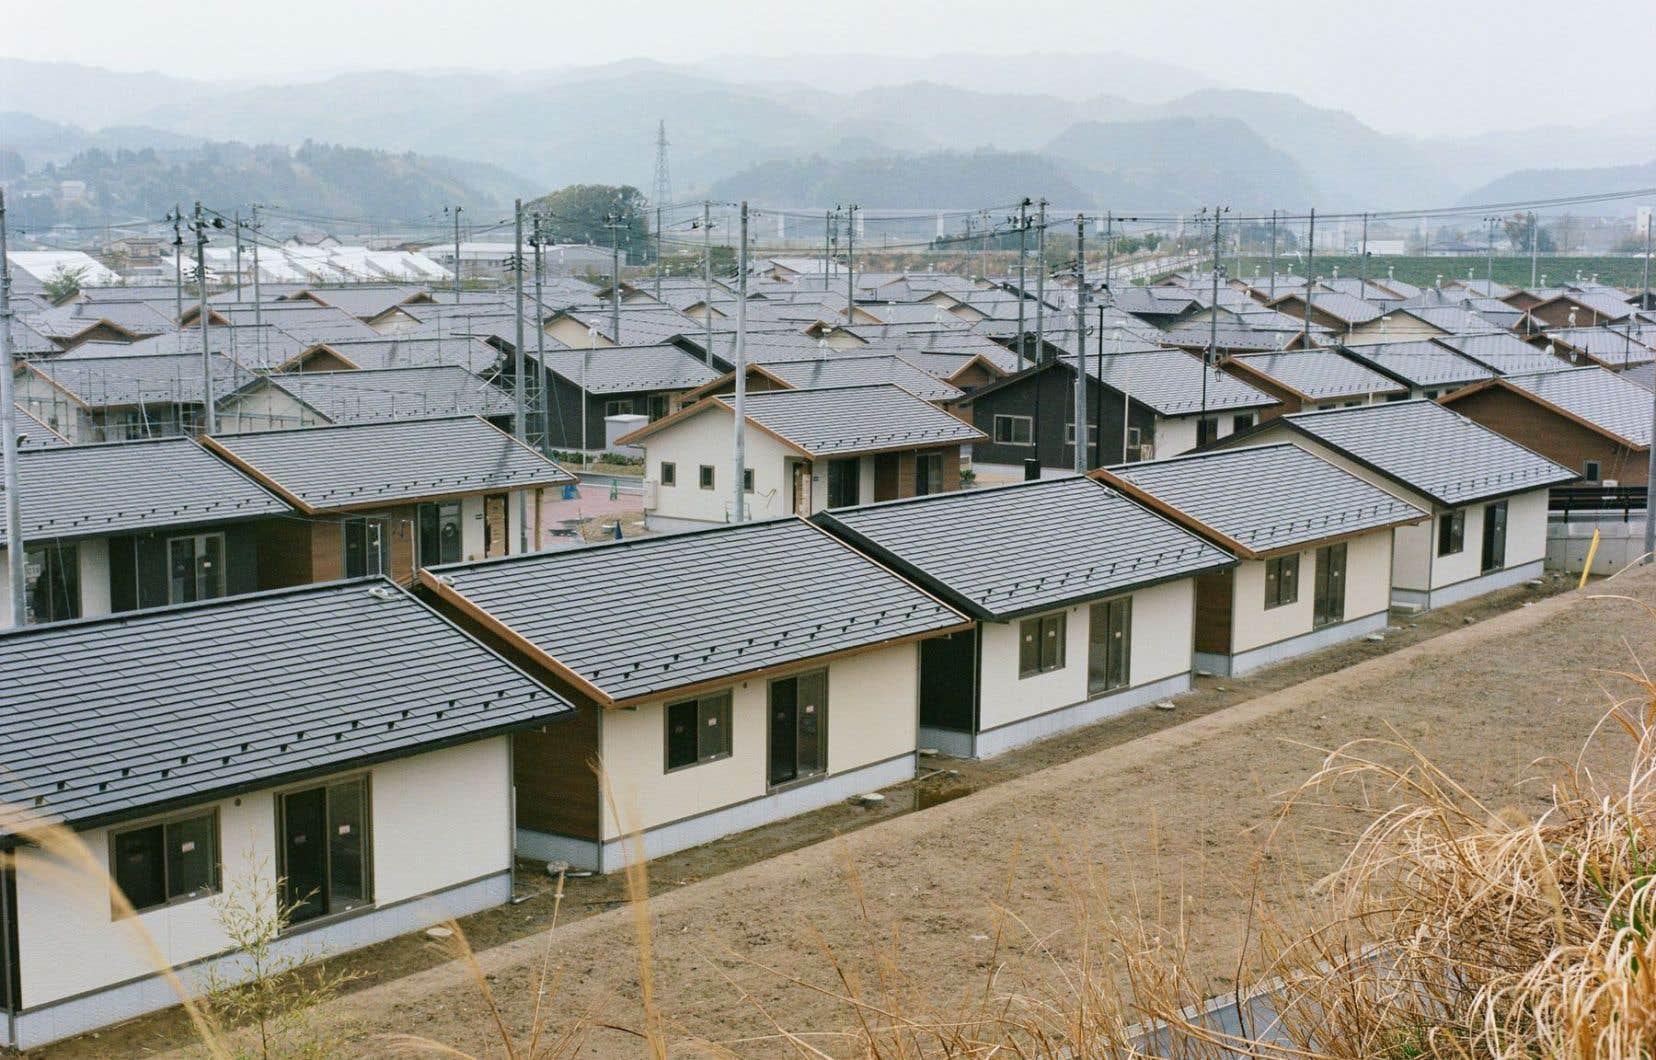 Le Village Compact, projet résidentiel et commercial public pour recréer un quartier dense. Les candidats au retour ayant perdu leur maison peuvent s'y loger gratuitement pendant deuxans.